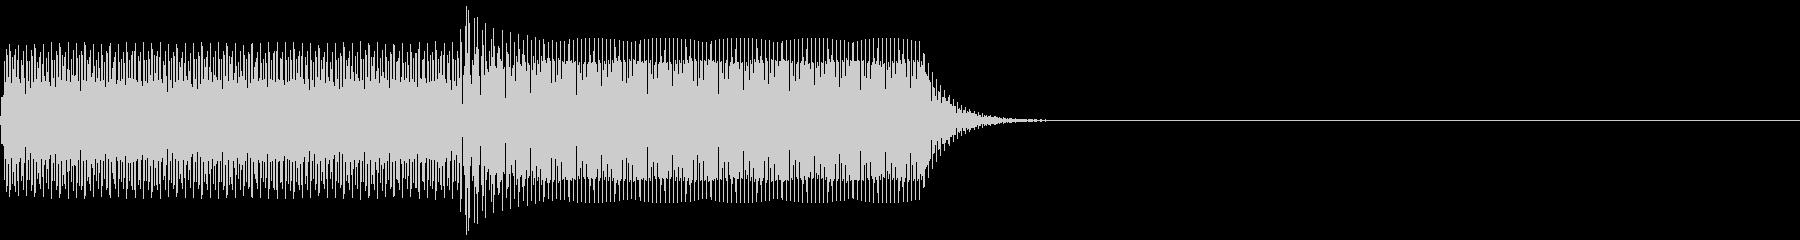 ピコン(決定音・タッチ音)の未再生の波形